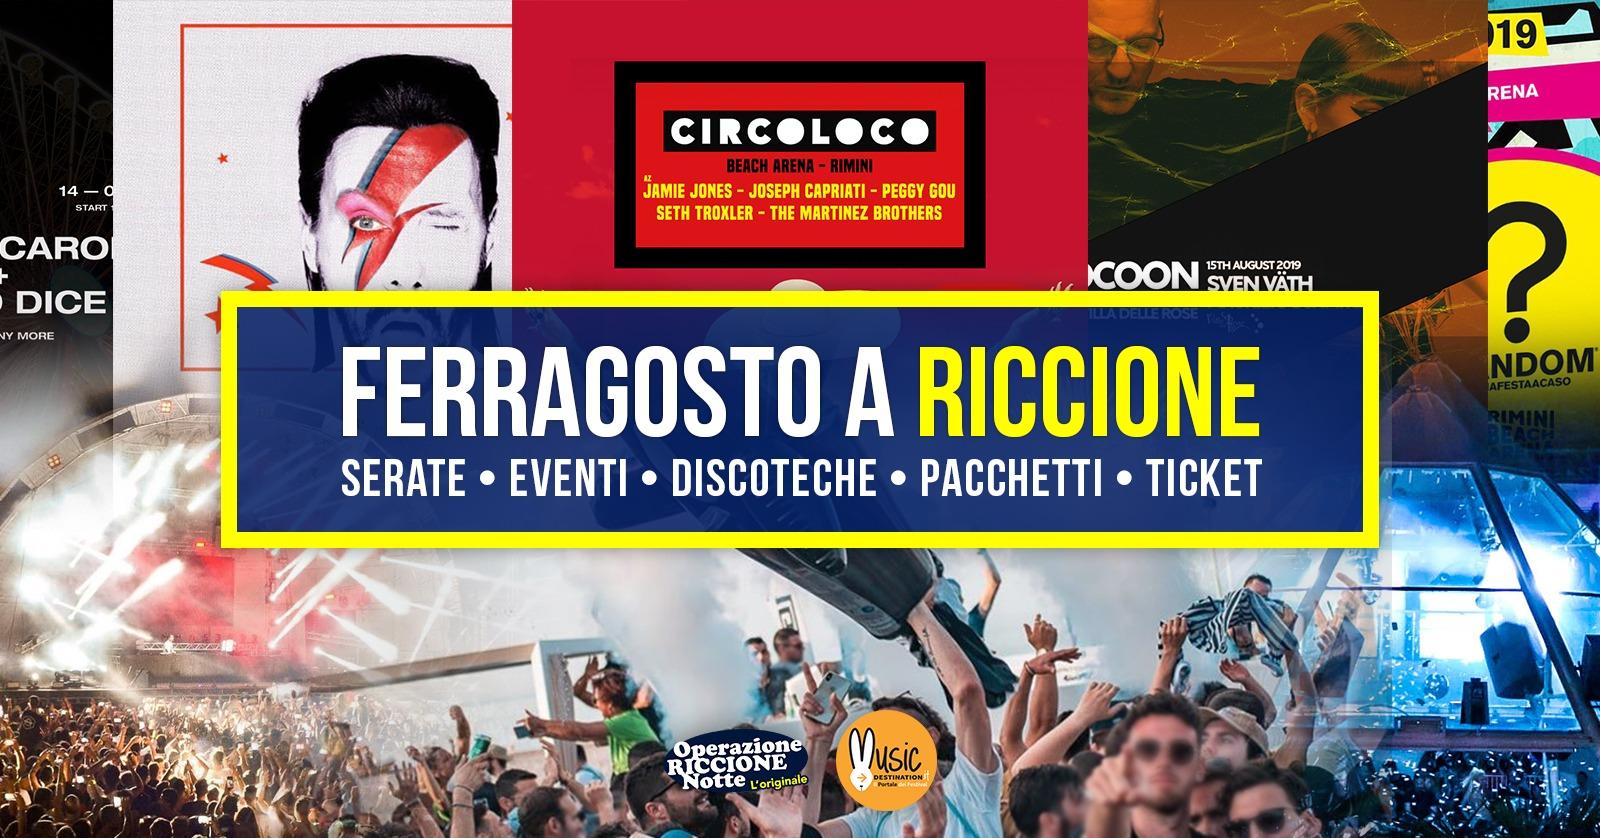 FERRAGOSTO 2019 a RICCIONE e RIMINI – Serate • Eventi • Discoteche • Pacchetti • Ticket